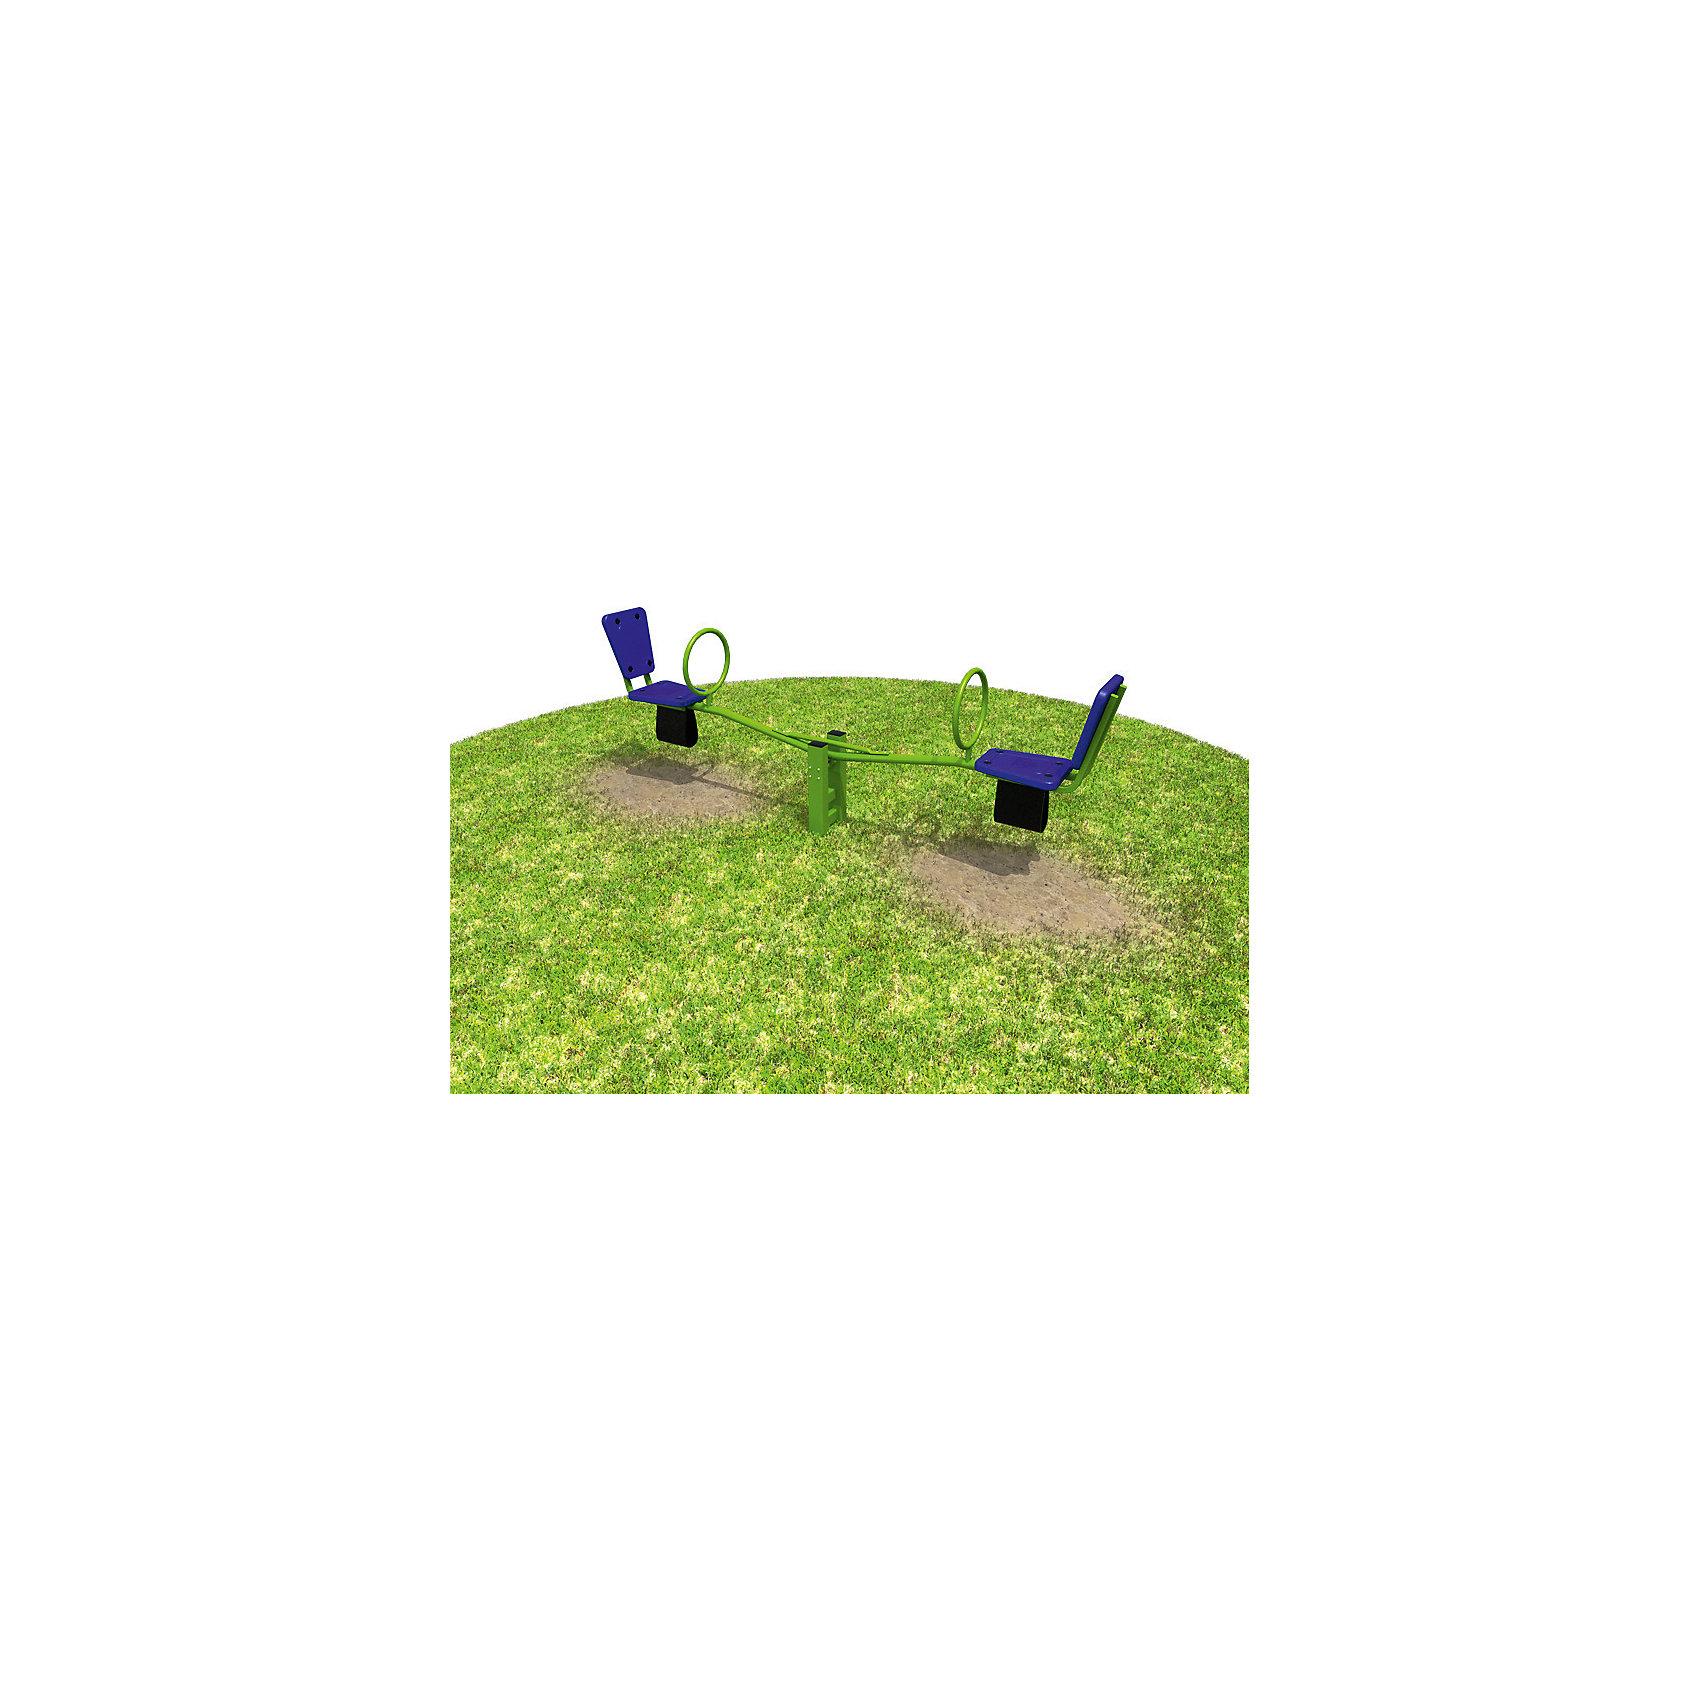 Качалка для двоих детей, ROMANAКачели и качалки<br>Характеристики: <br><br>• материал: металлическая опора, пластиковые сиденья, резиновые элементы против удара о землю, полиэфирные краски, оцинкованные крепежные элементы, пластиковые колпачки;<br>• диаметр трубной балки: 48 мм;<br>• глубина бетонирования стойки: не менее 60 см;<br>• комплектация: стойка, балка, 2 сиденья со спинками и ручками, подшипники. <br><br>Спортивный комплекс устанавливается на дачном участке или детской площадке. Представляет собой качалку для двоих детей. Сиденья пластиковые, оборудованы спинками, ручками, имеют защиту от удара о землю.<br><br>Размер комплекса (ДхШхВ): 260х30х54,5 см<br>Размер упаковки: 116х61х14 см<br>Вес: 30 кг<br><br>Качалку для двоих детей, ROMANA можно купить в нашем интернет-магазине.<br><br>Ширина мм: 1160<br>Глубина мм: 610<br>Высота мм: 140<br>Вес г: 30000<br>Возраст от месяцев: 36<br>Возраст до месяцев: 2147483647<br>Пол: Унисекс<br>Возраст: Детский<br>SKU: 5584500